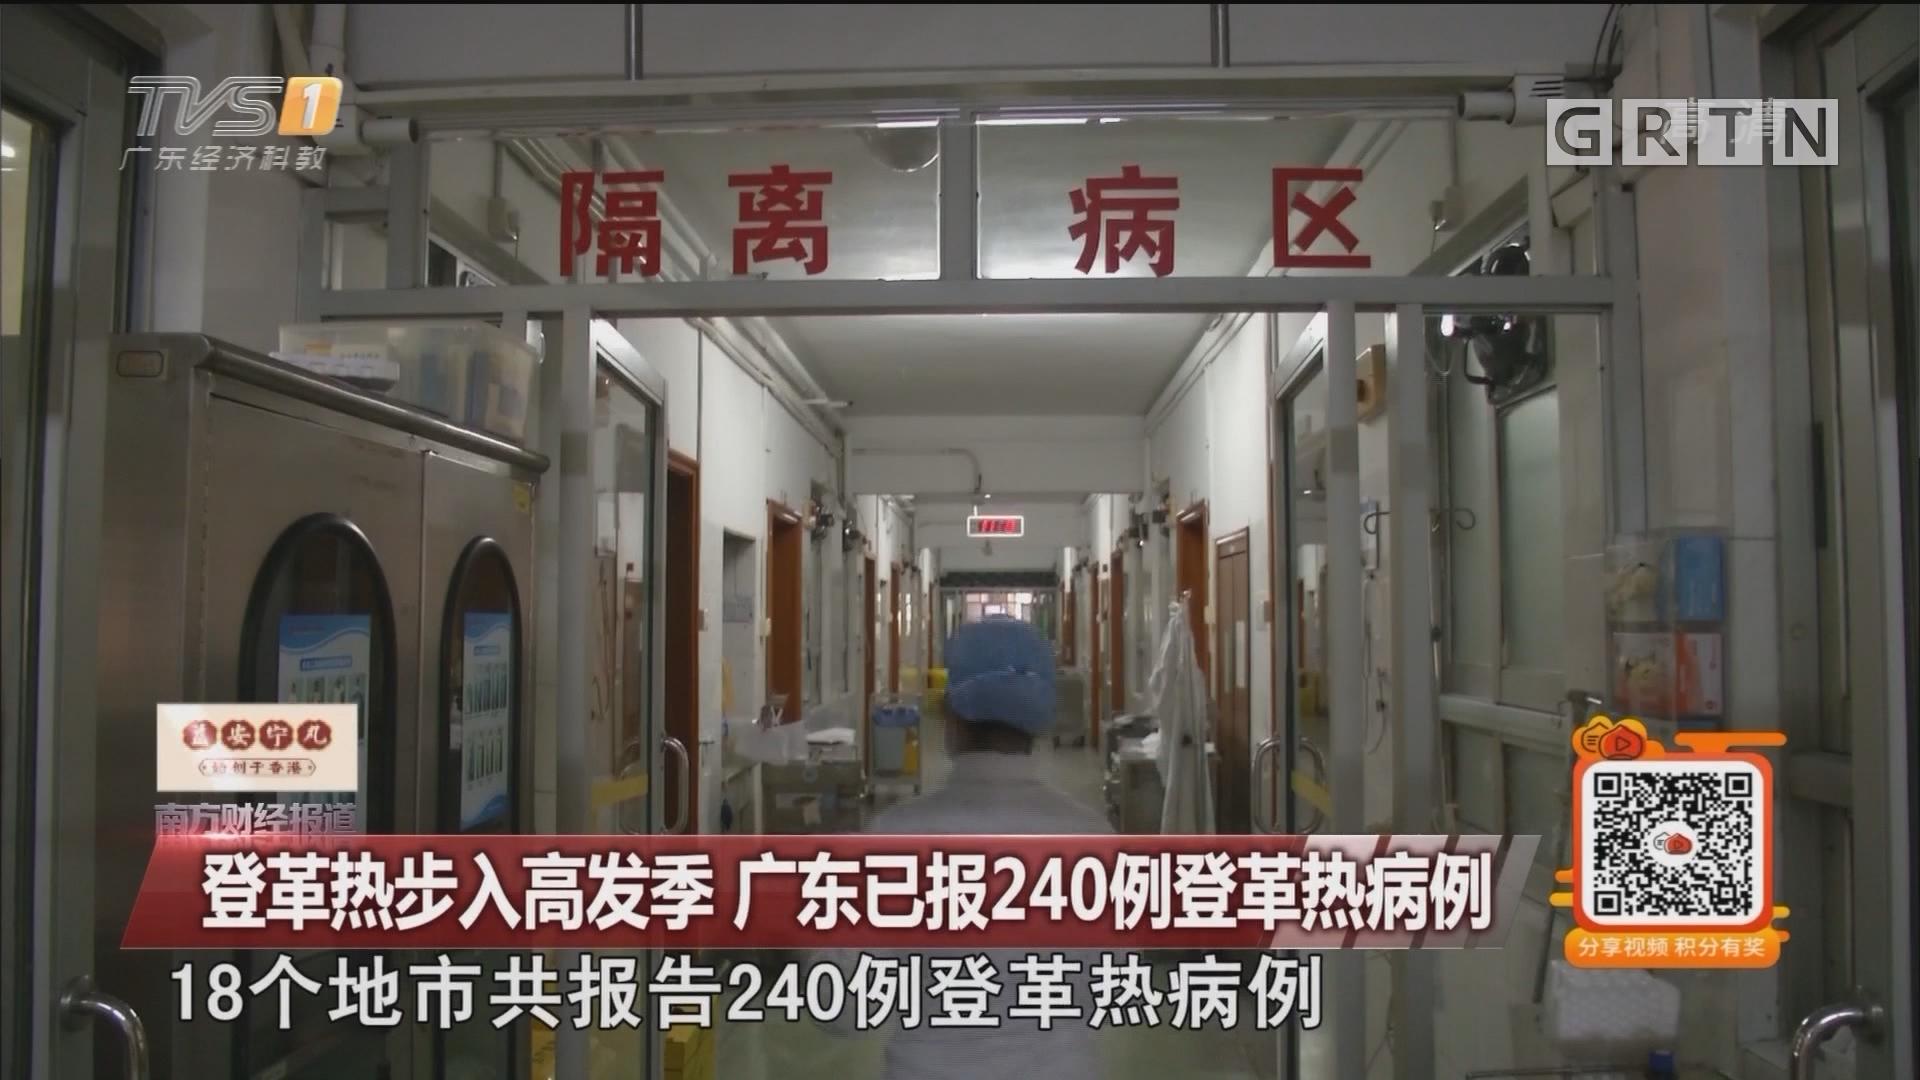 登革热步入高发季 广东已报240例登革热病例